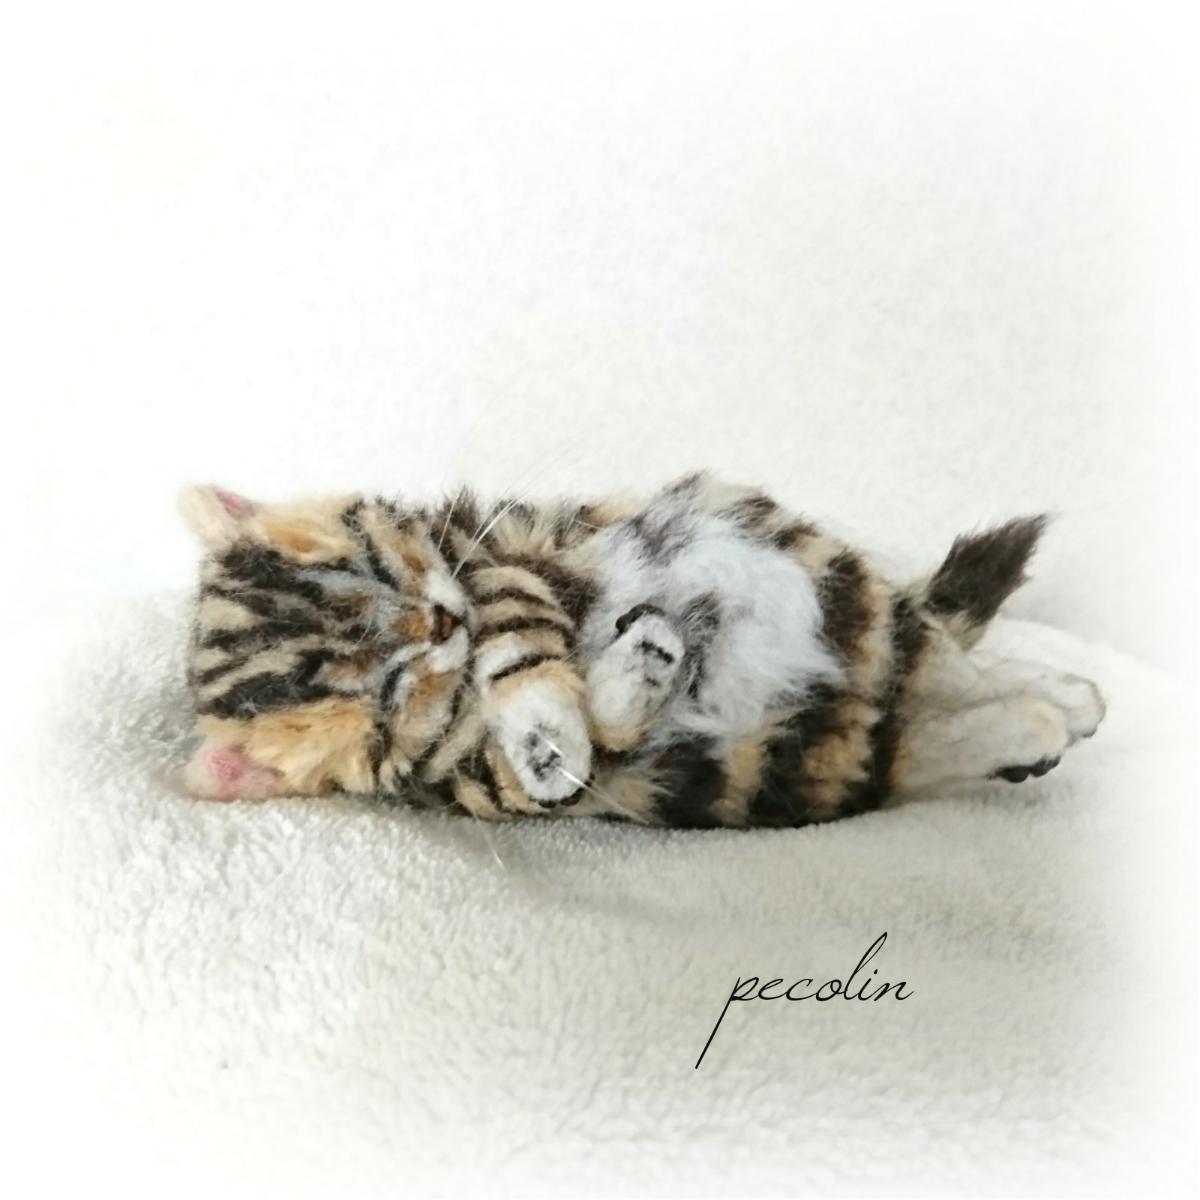 peco-lin 羊毛フェルト すやすや眠るベンガルの赤ちゃん 猫 ハンドメイド 眠り猫_画像6